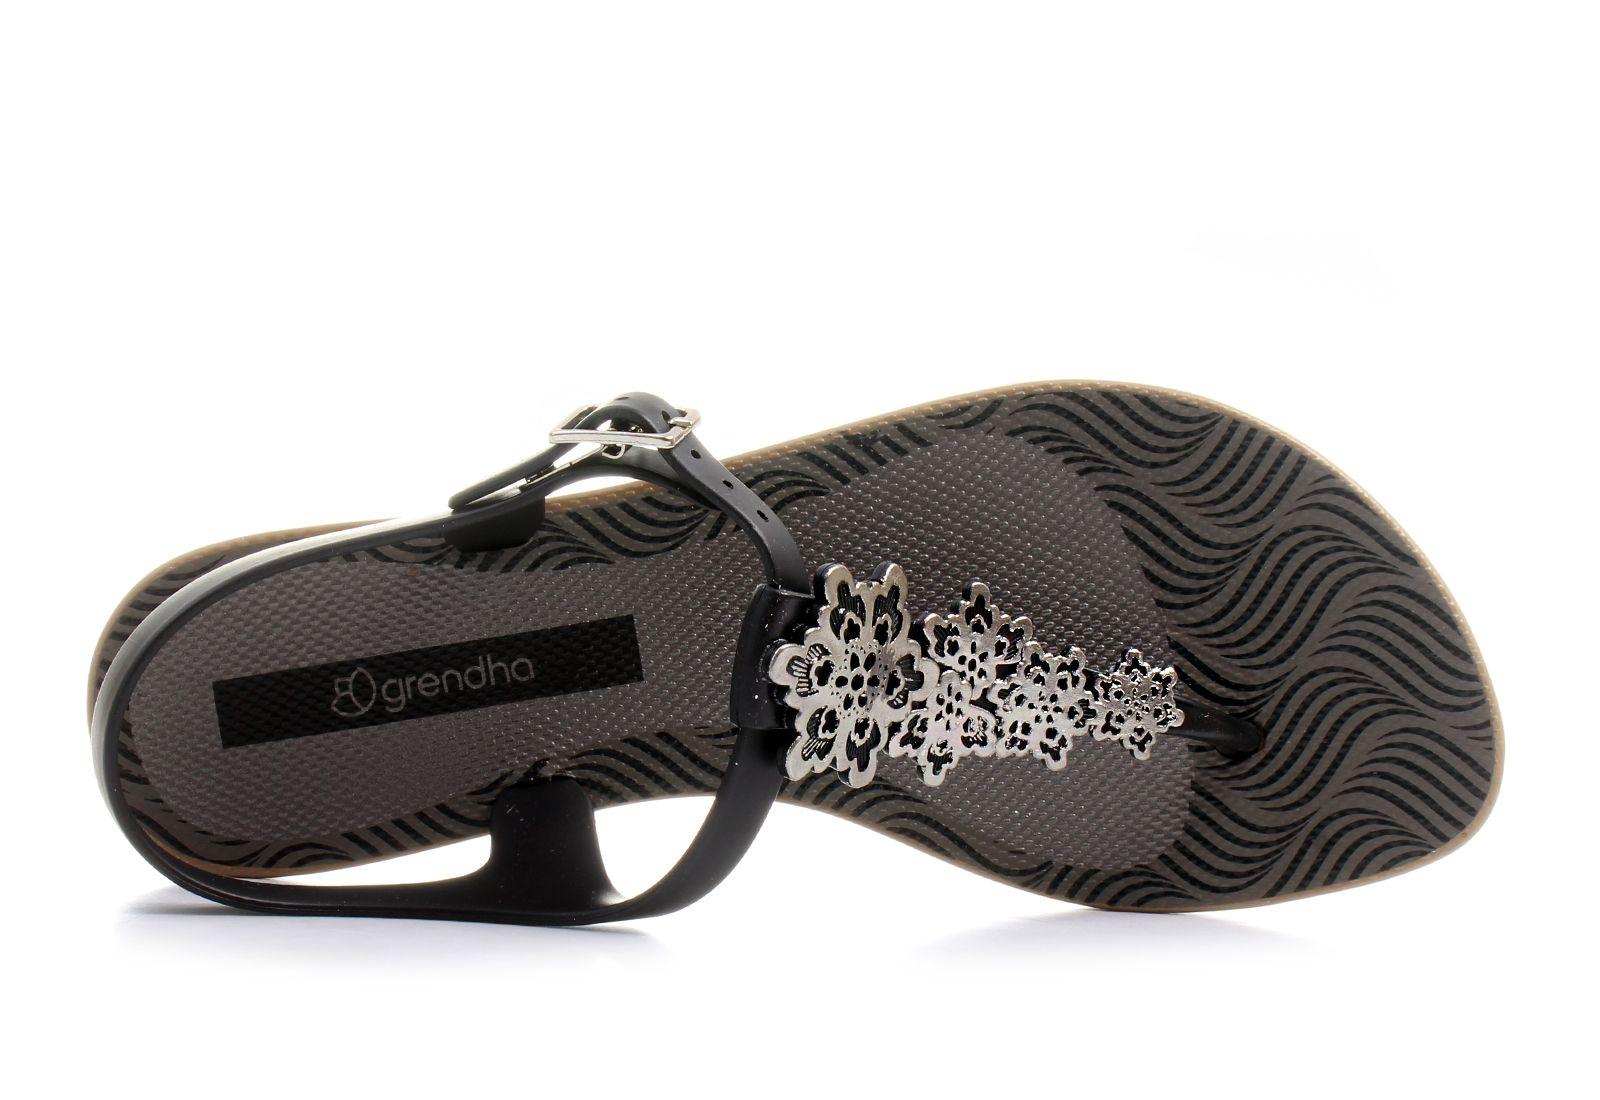 Grendha Szandál - Romantic - 81971-24243 - Office Shoes Magyarország 393ce88476